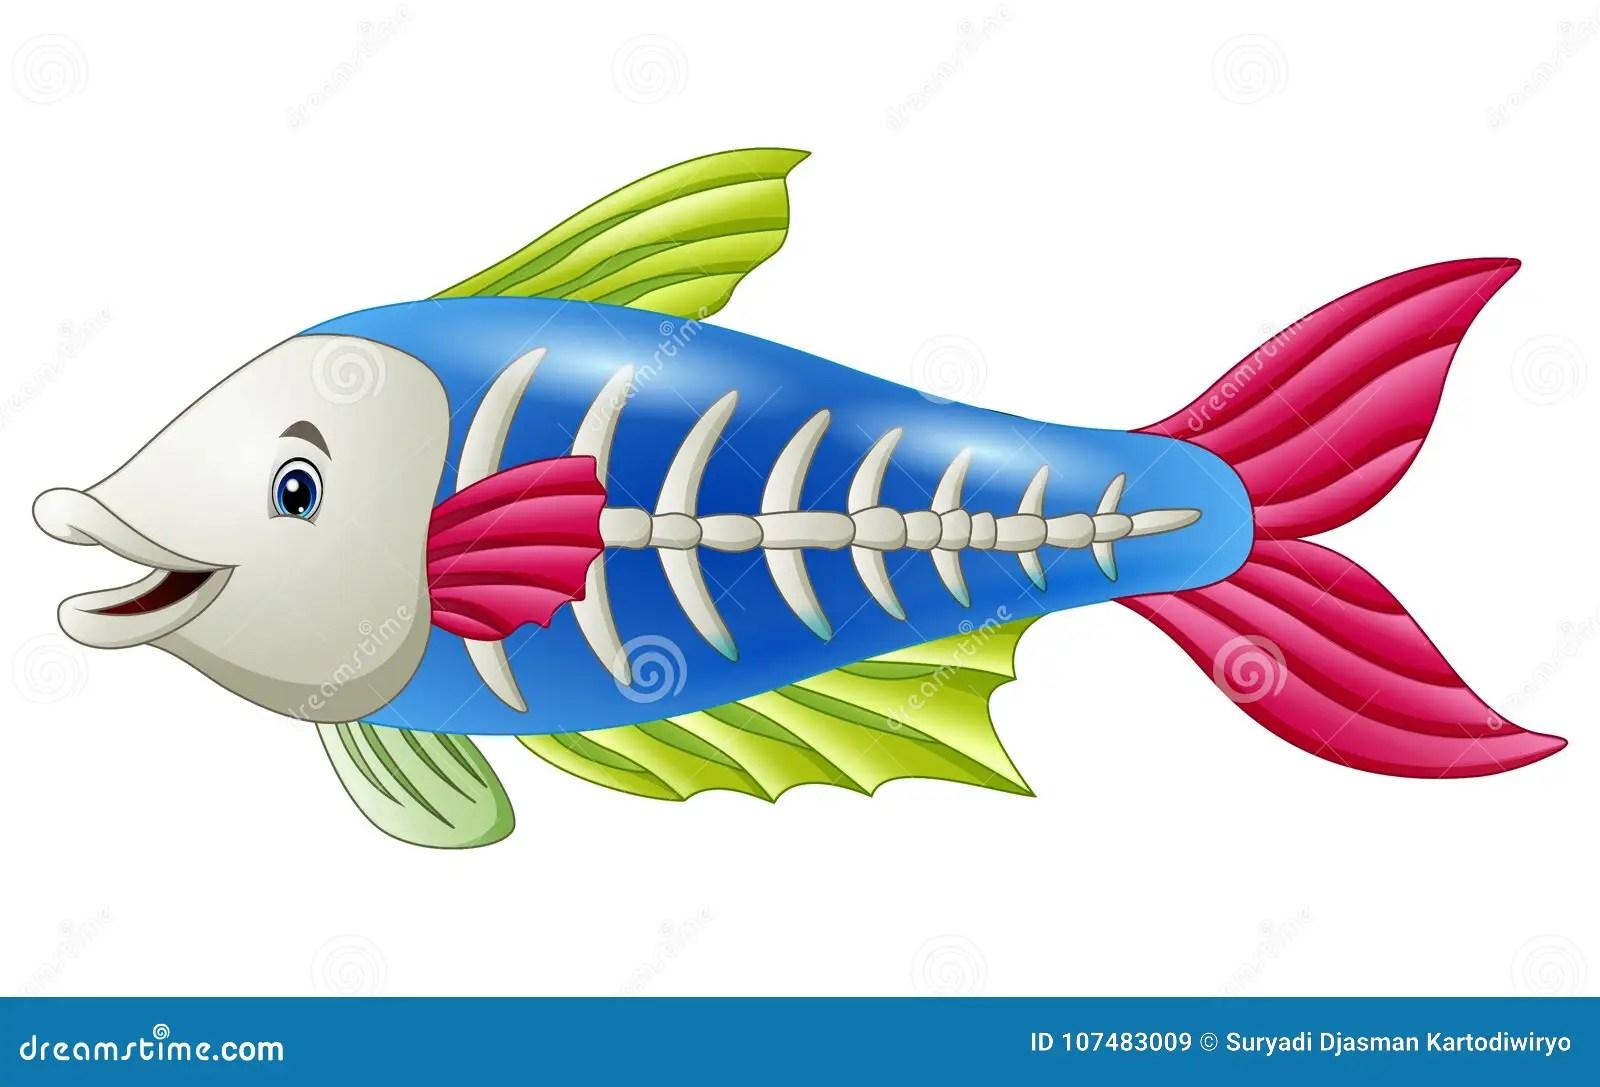 Desenhos Animados Bonitos Dos Peixes Do Raio X Ilustracao